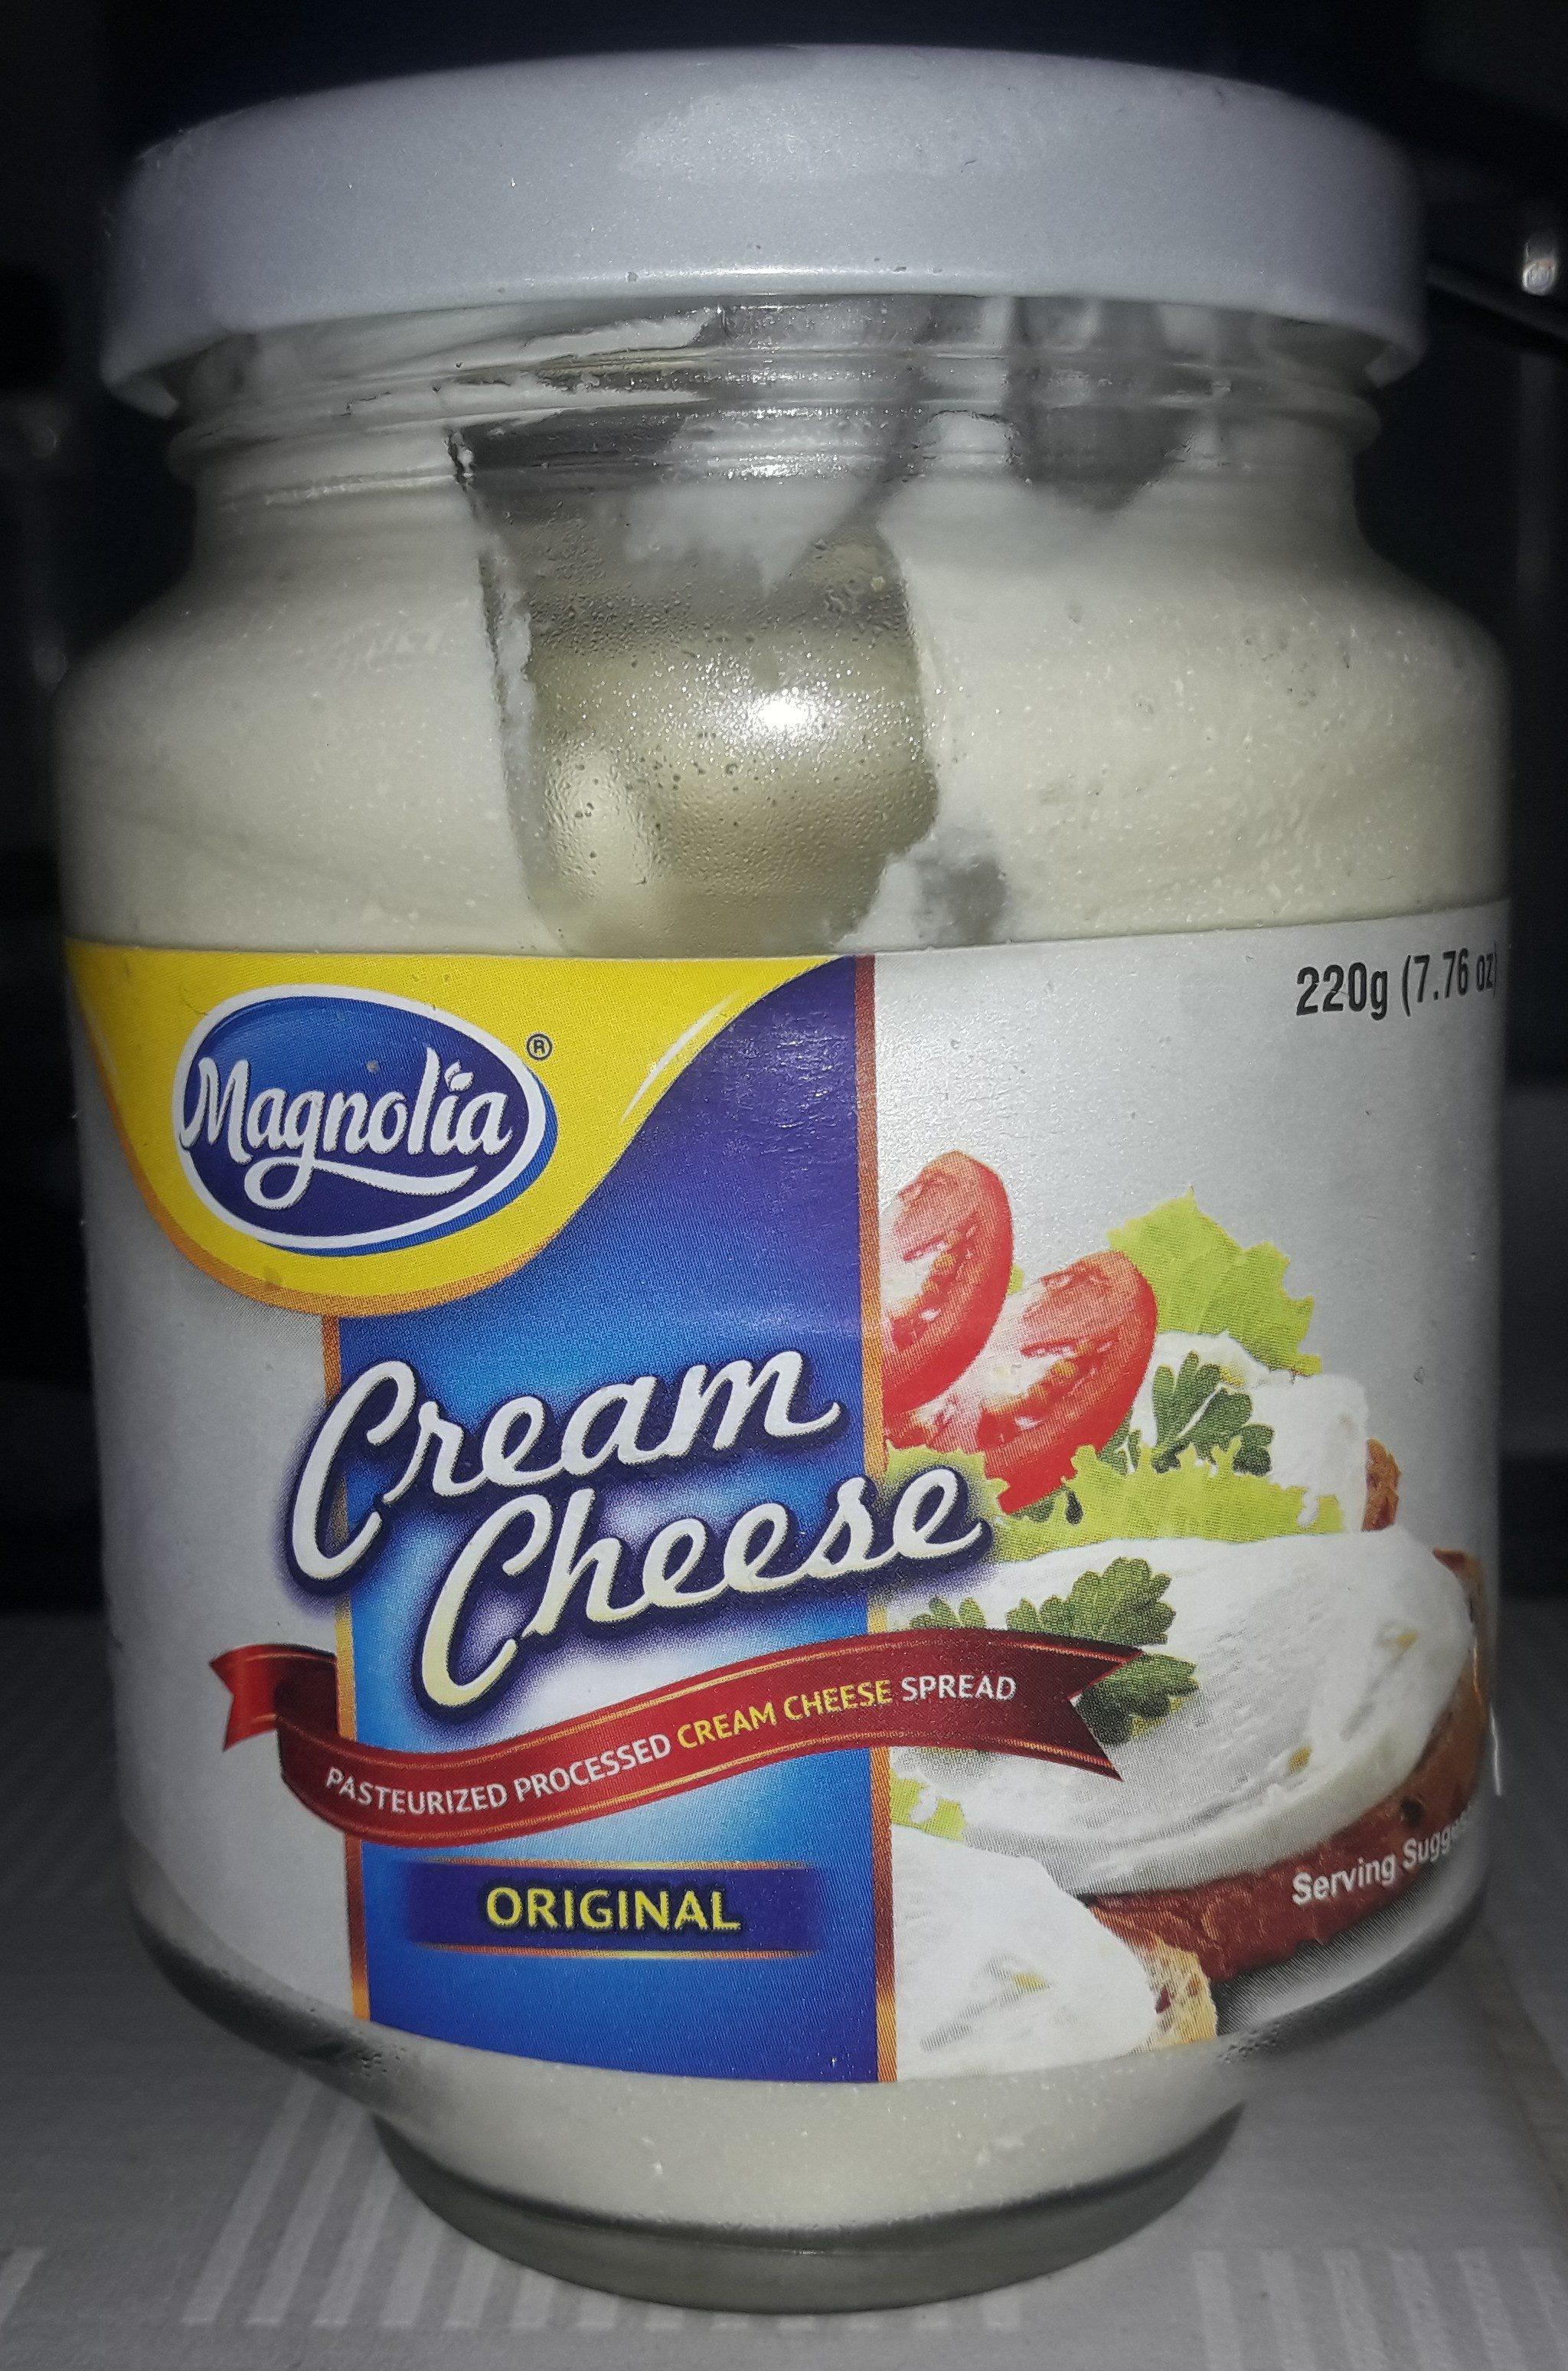 Cream Cheese - Original - Magnolia - 220 g